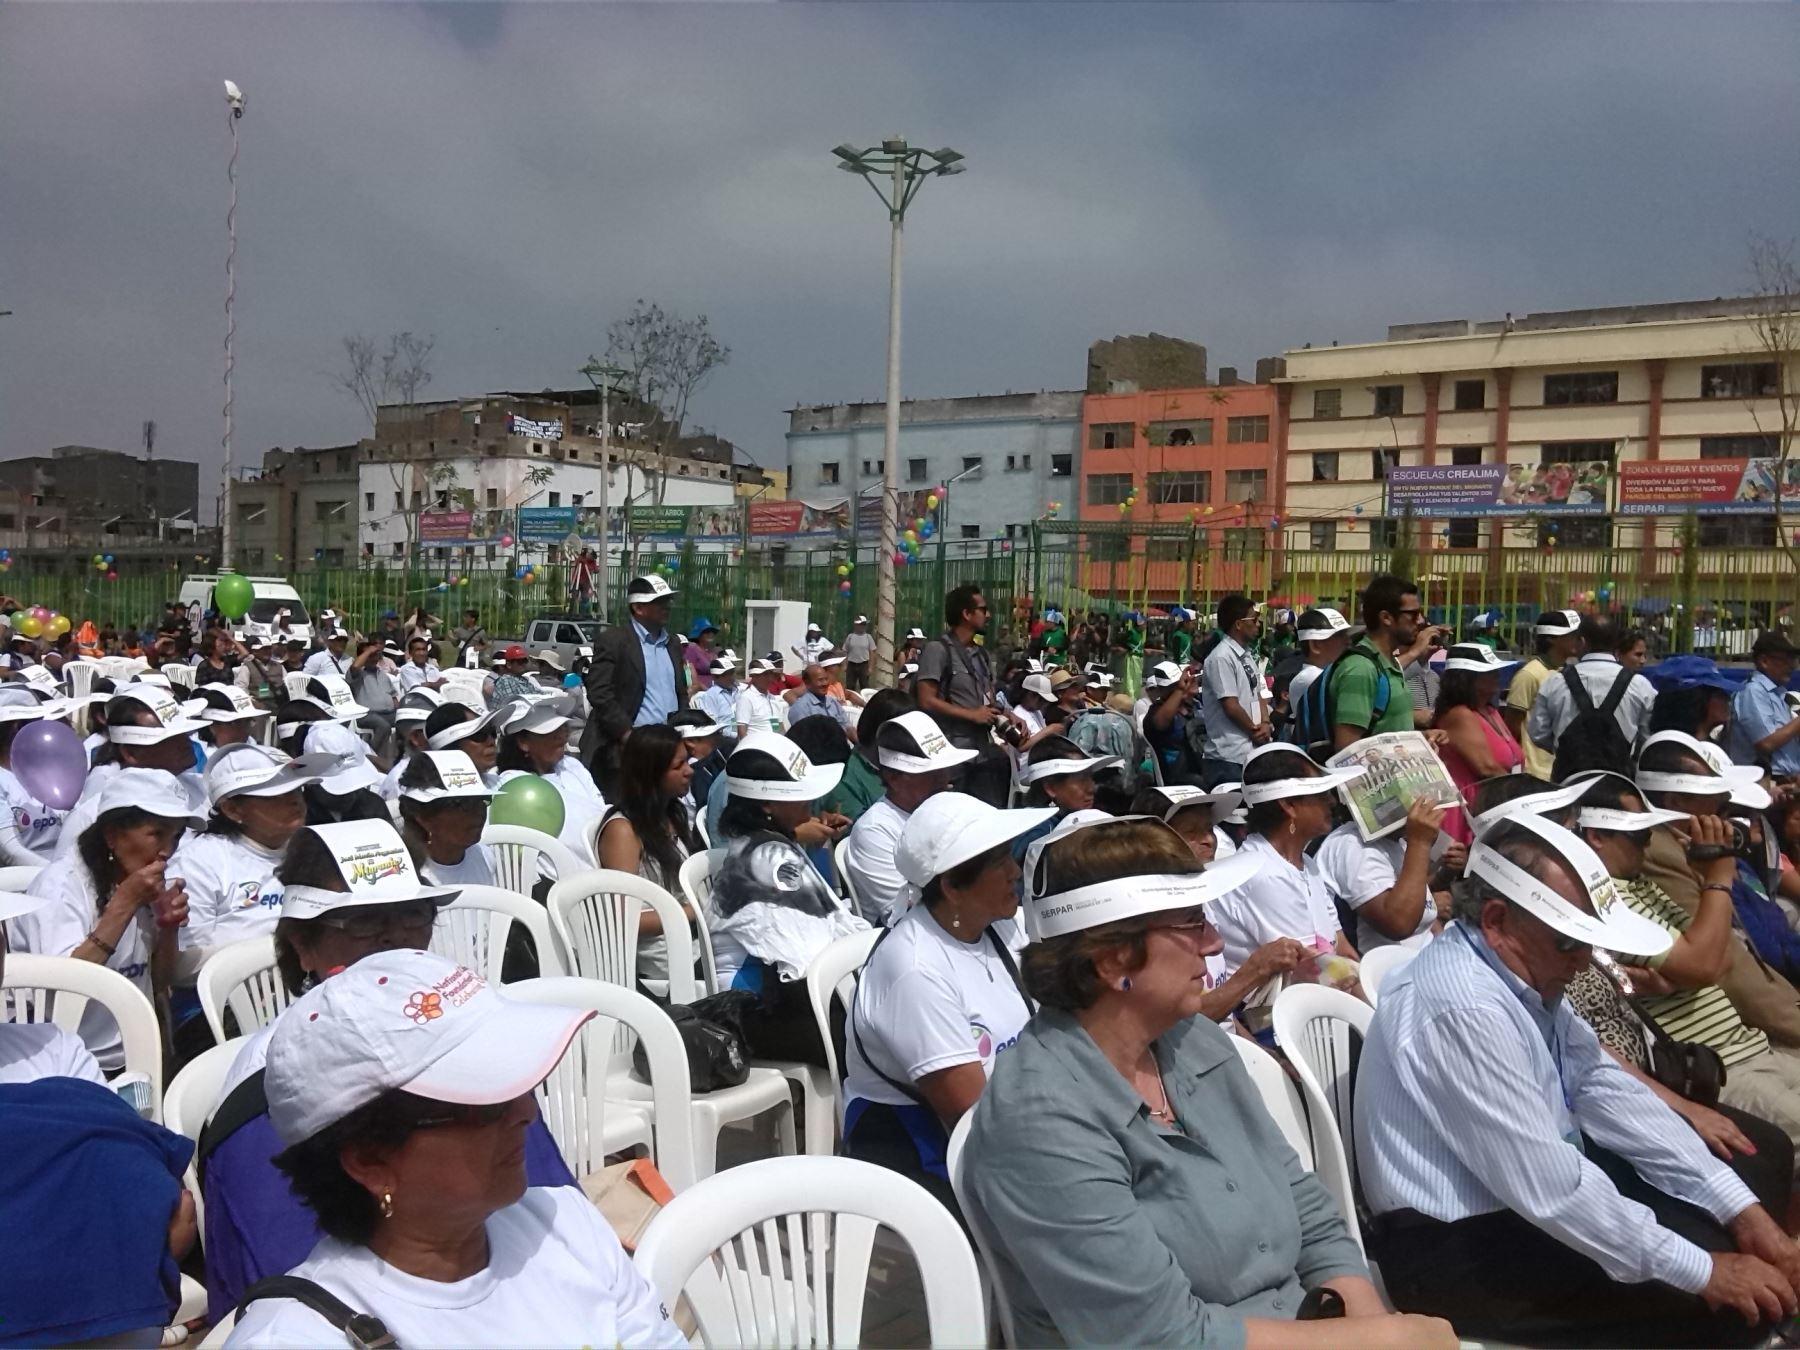 Inauguración del Parque El Migrante José María Arguedas.